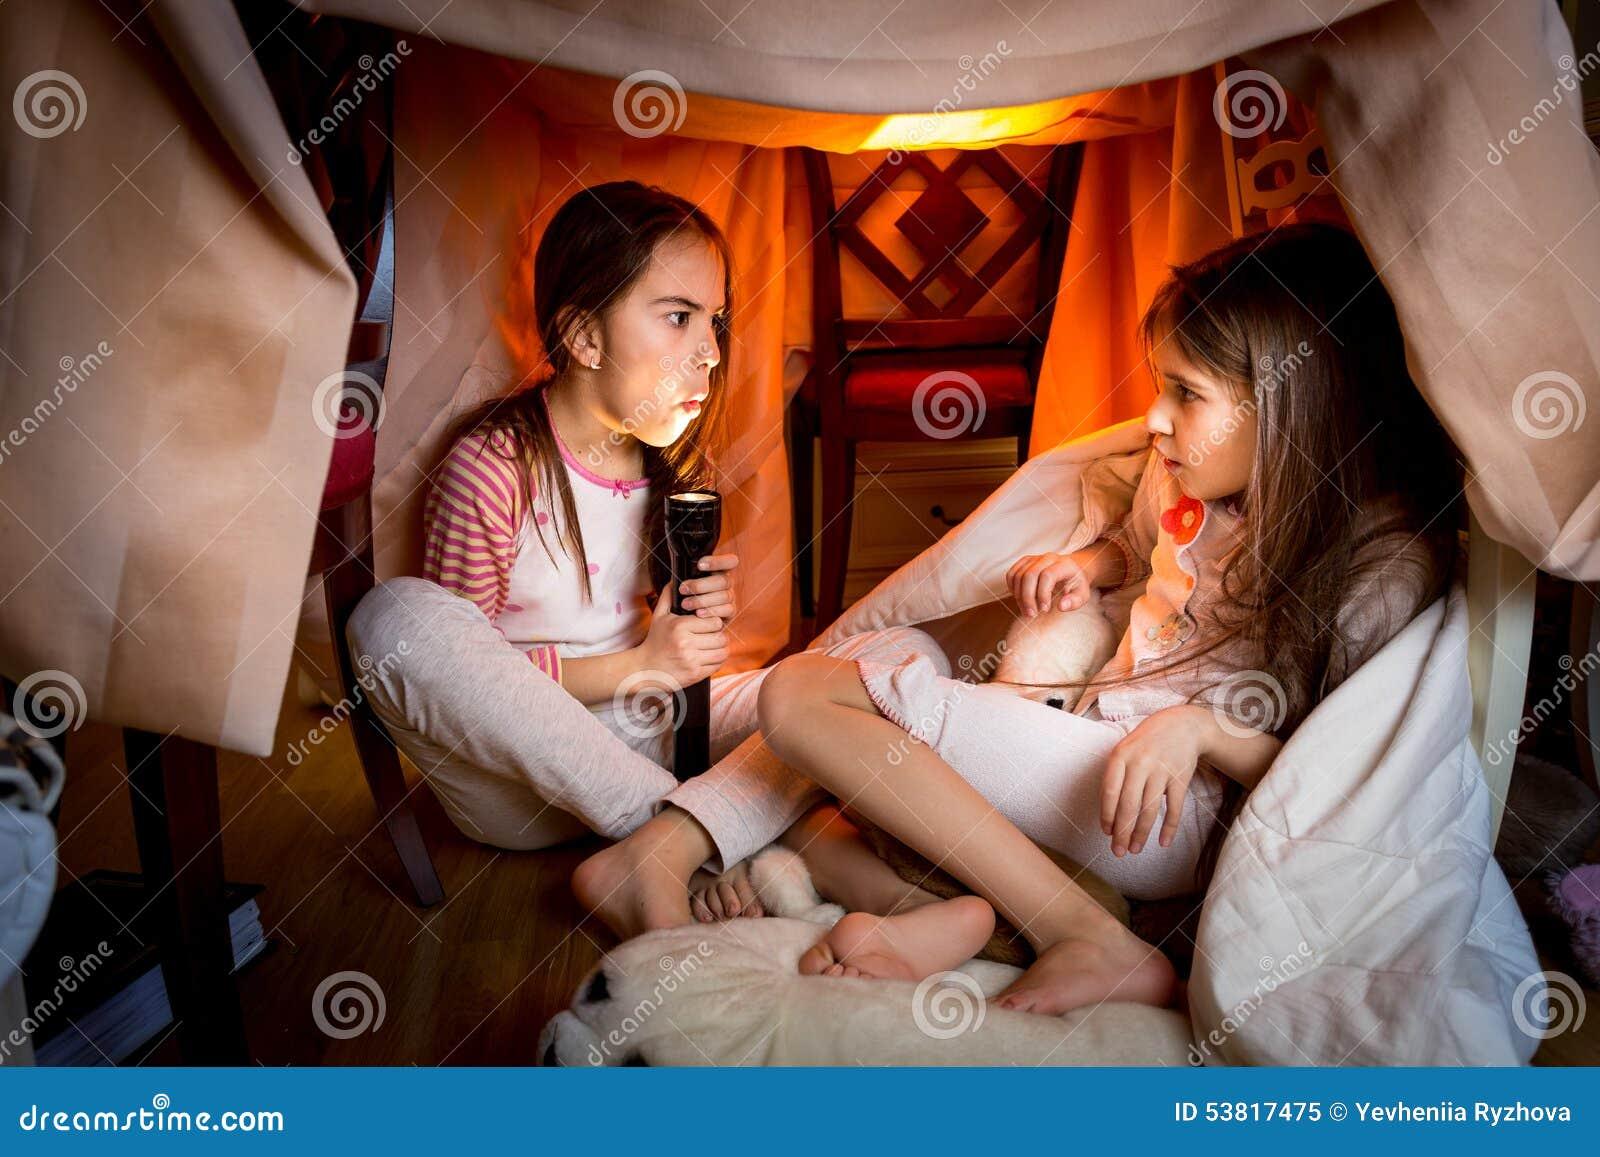 Oudere zuster die eng verhaal vertellen aan jongere bij laat - nacht